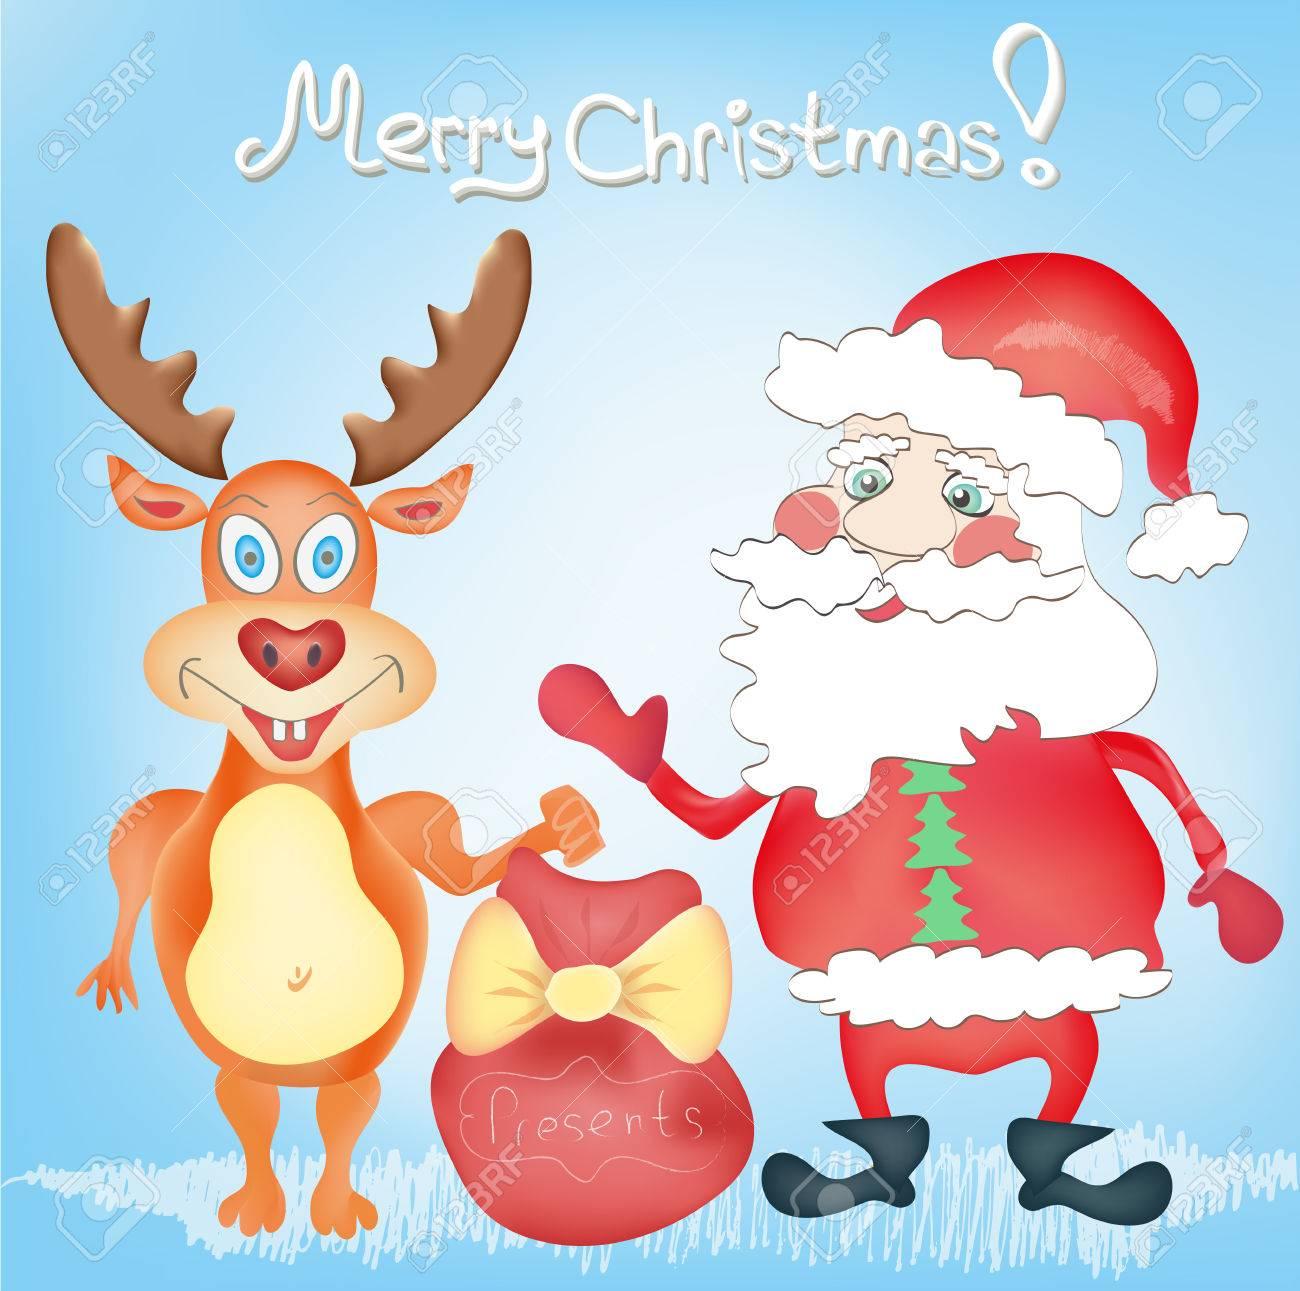 Frohe Weihnachten Feiertag Grußkarte Mit Deer Und Santa Claus ...